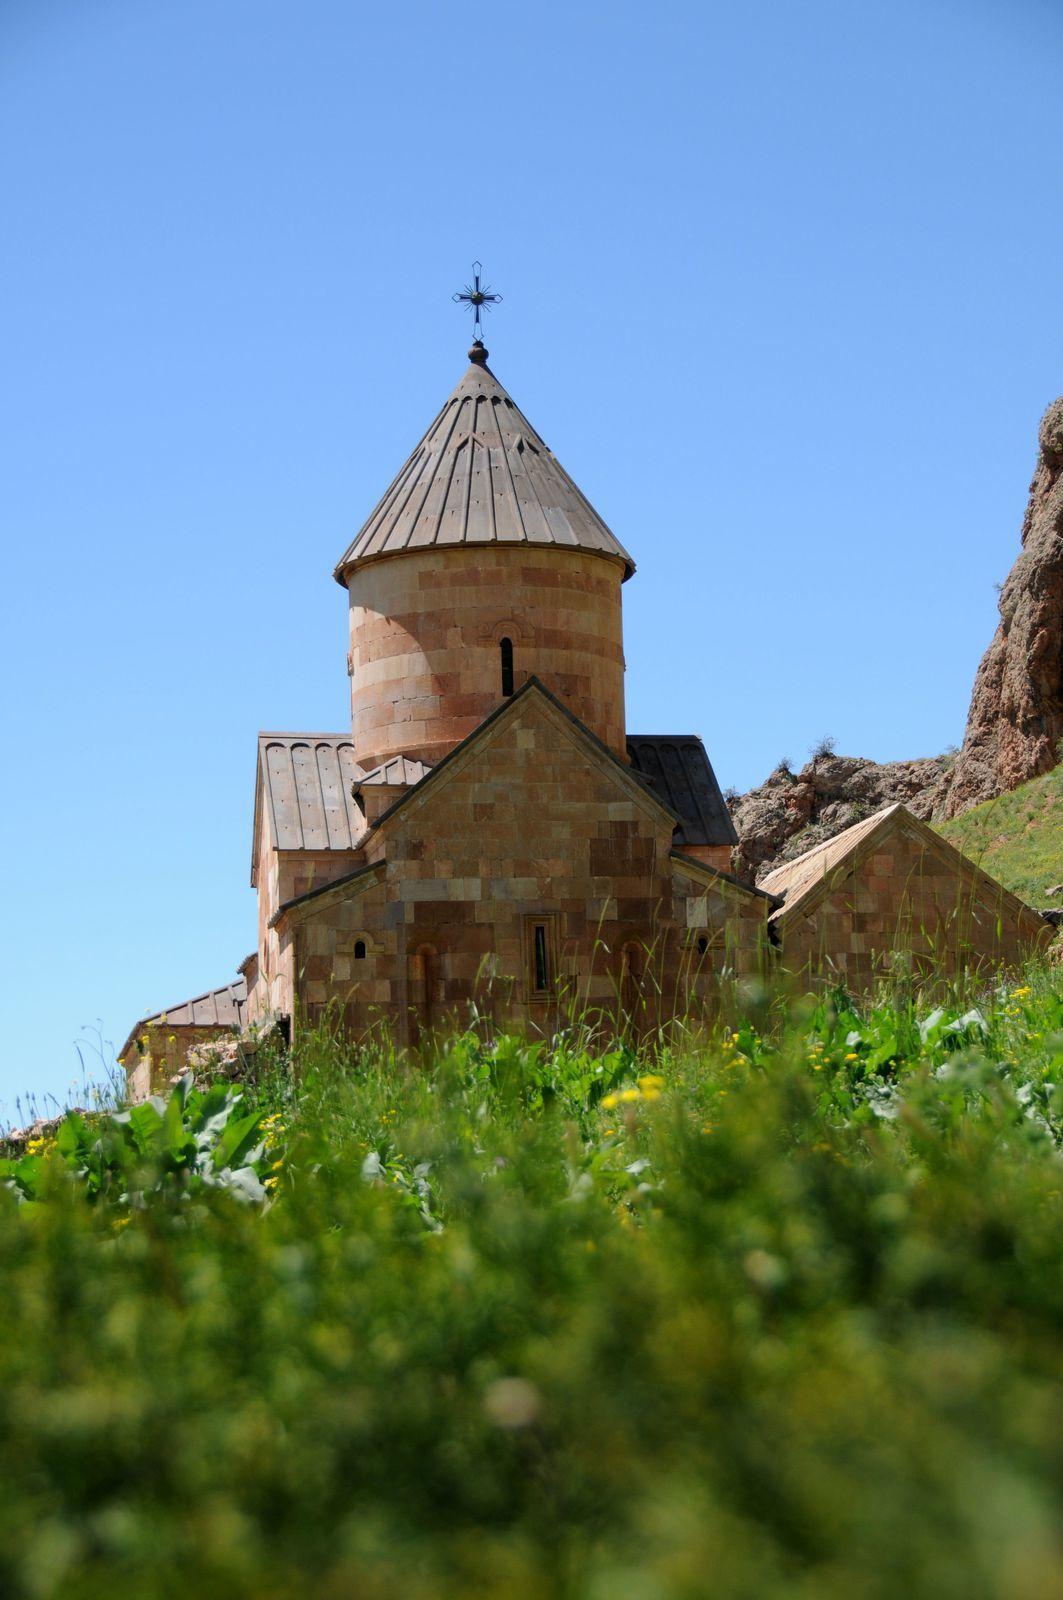 Façades méridionales de Sourp Karapet à gauche et  Sourp Grigor à droite.